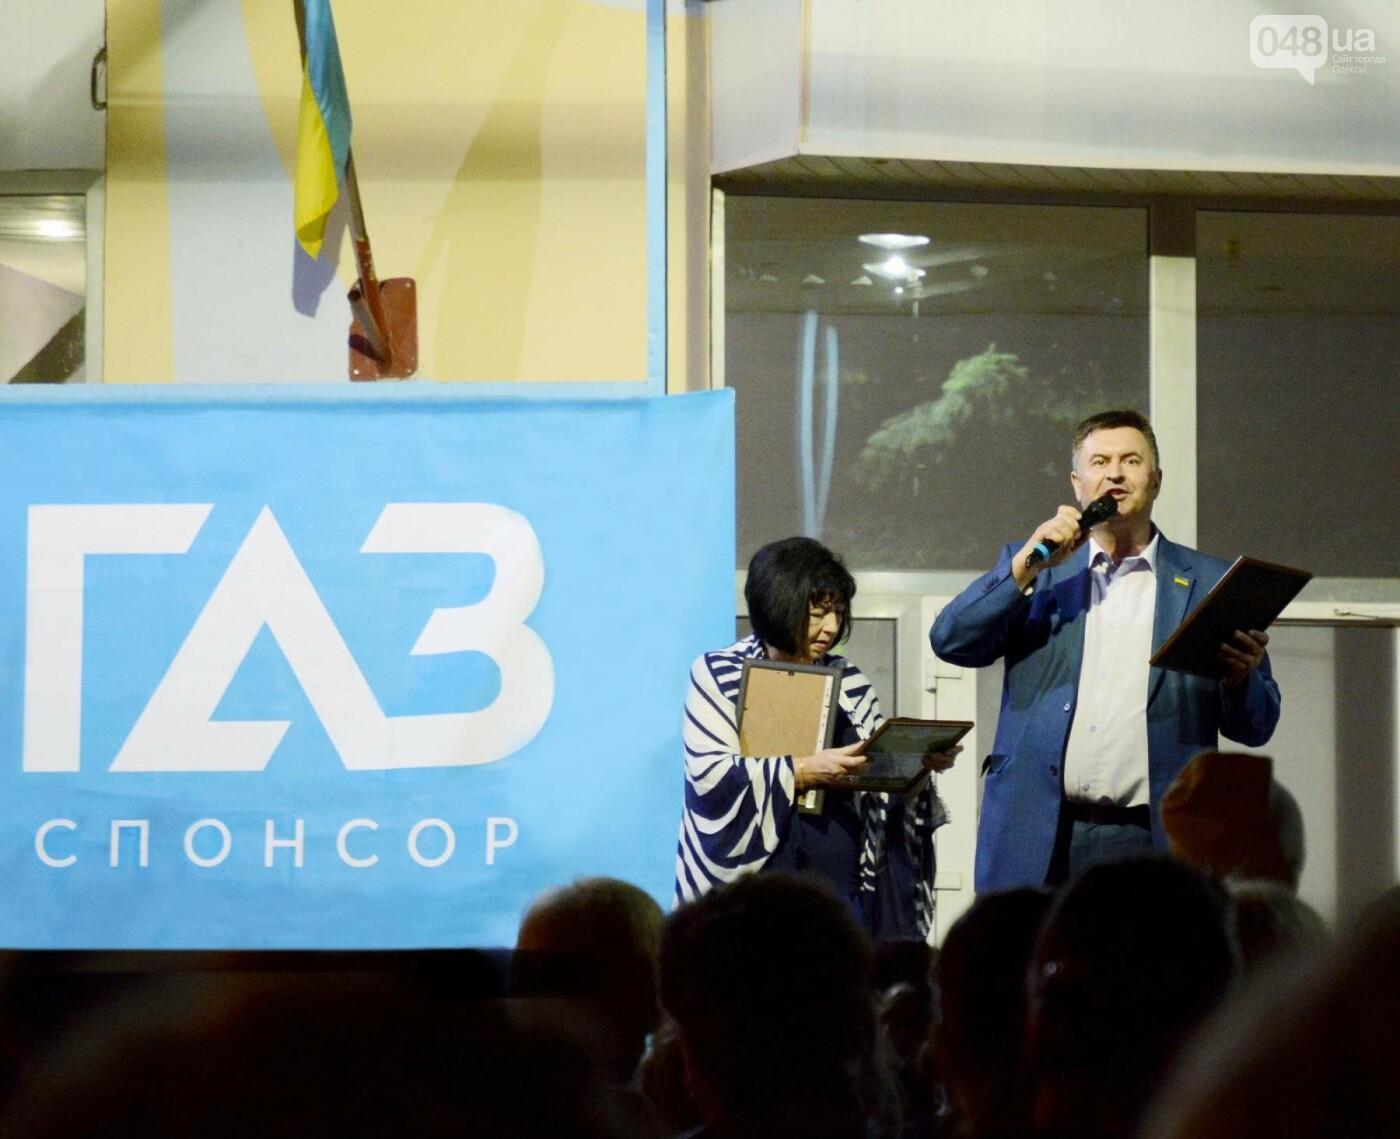 Теплодар отметил свое 37-летие. Город ожидает инвестиции 4 млрд.грн, фото-2